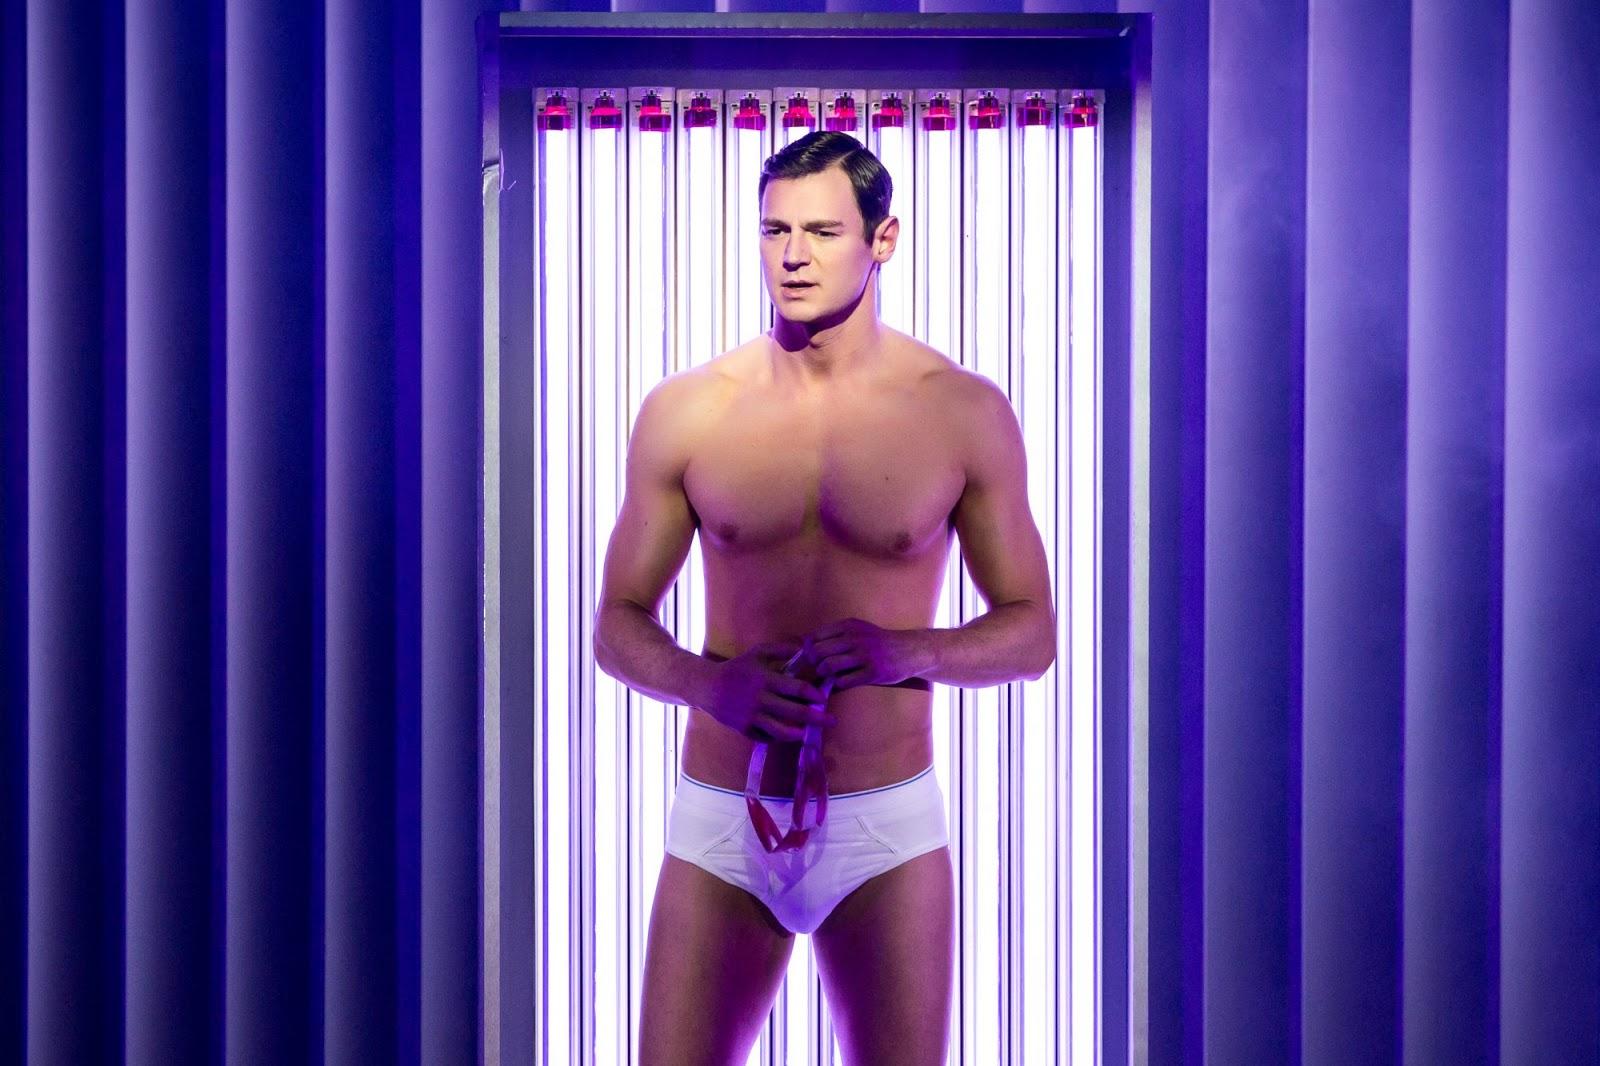 Nicolus sparks nude